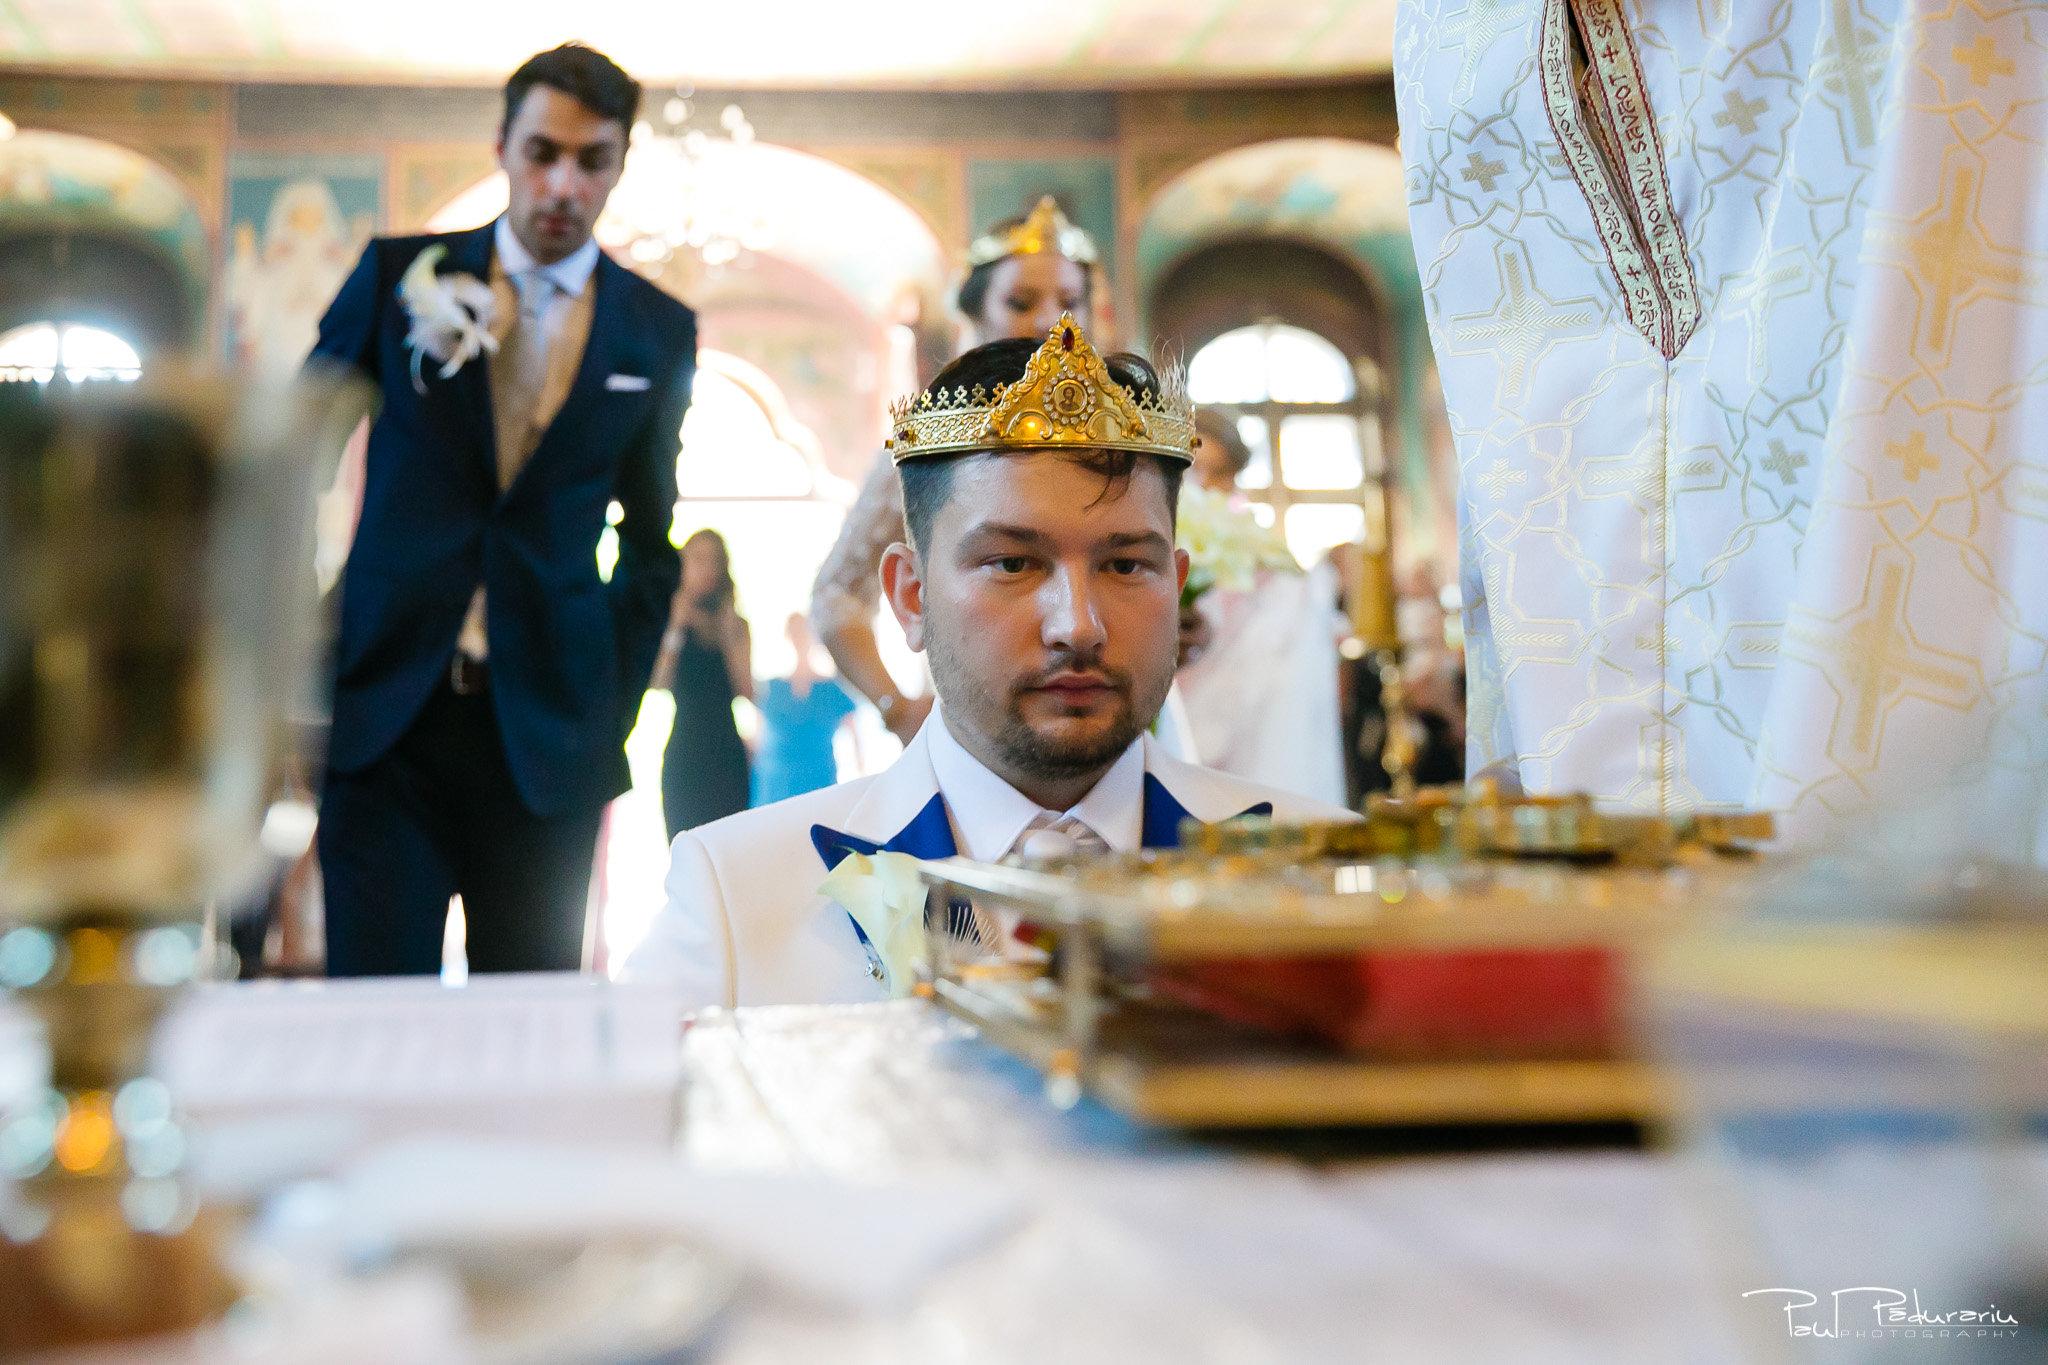 Cununia religioasa nunta Ema si Tudor fotograf de nunta iasi www.paulpadurariu.ro © 2017 Paul Padurariu punere cununii mire